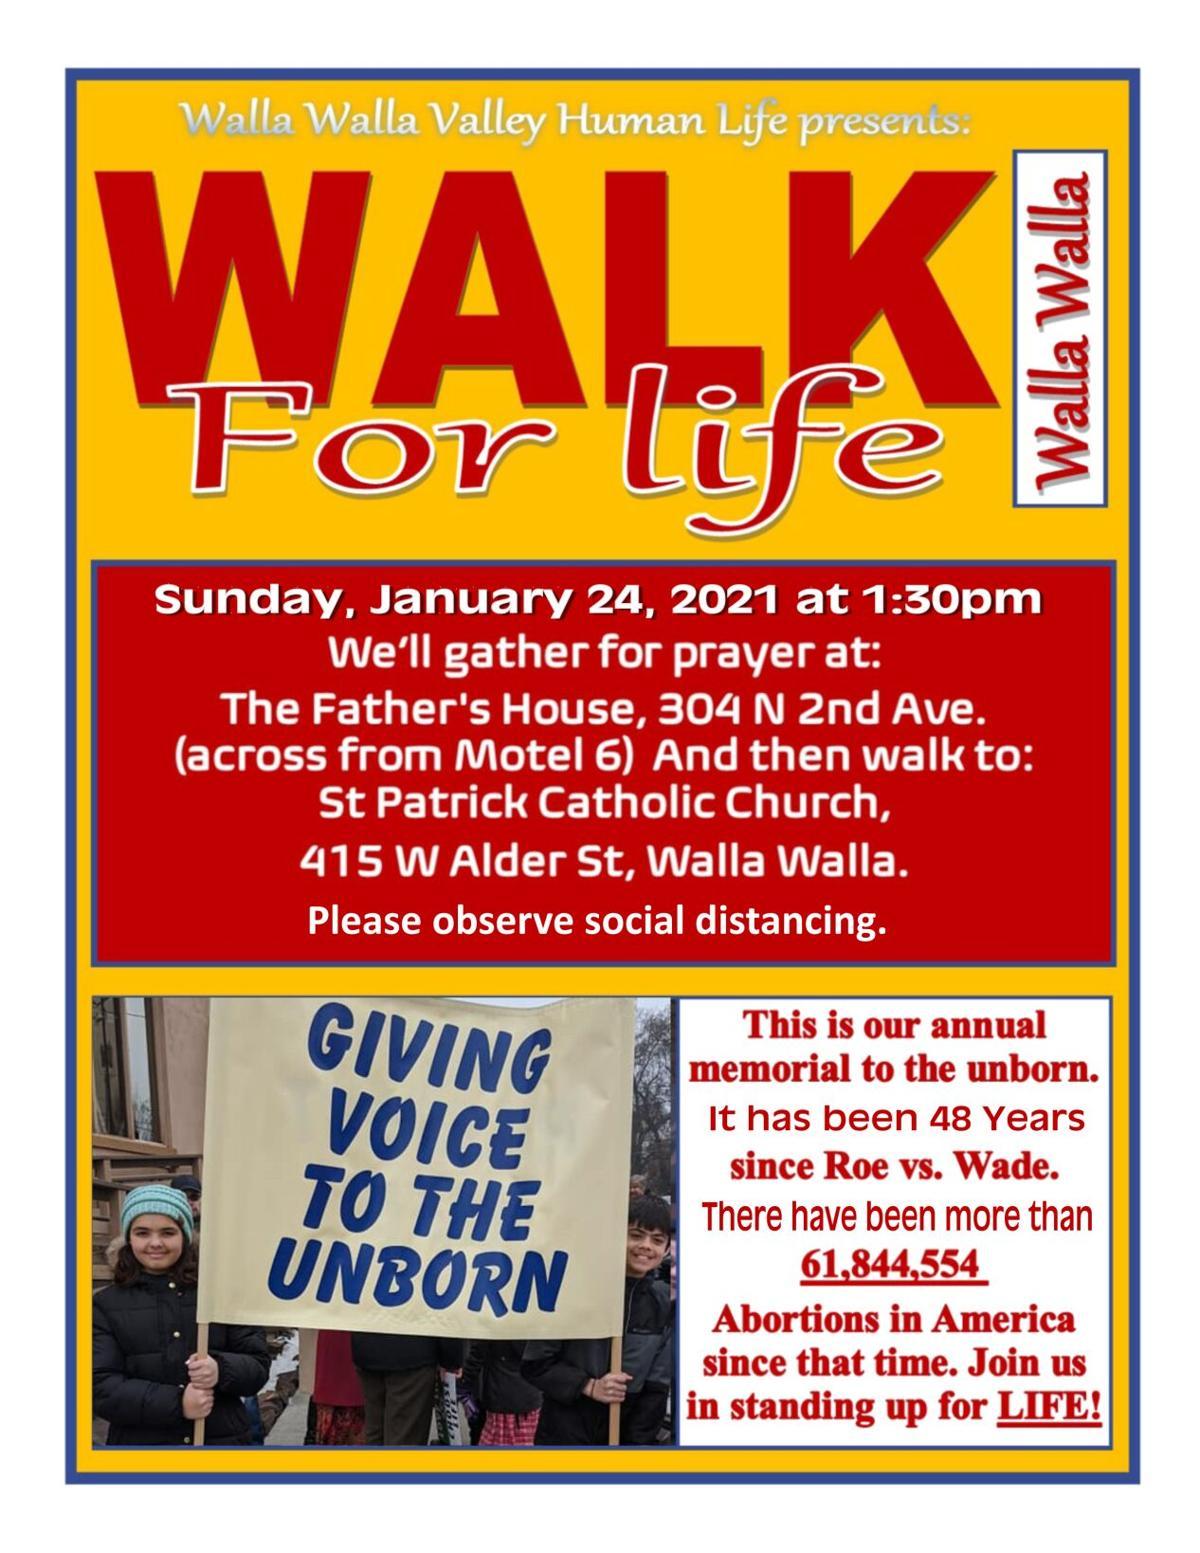 Walk For Life Walla Walla